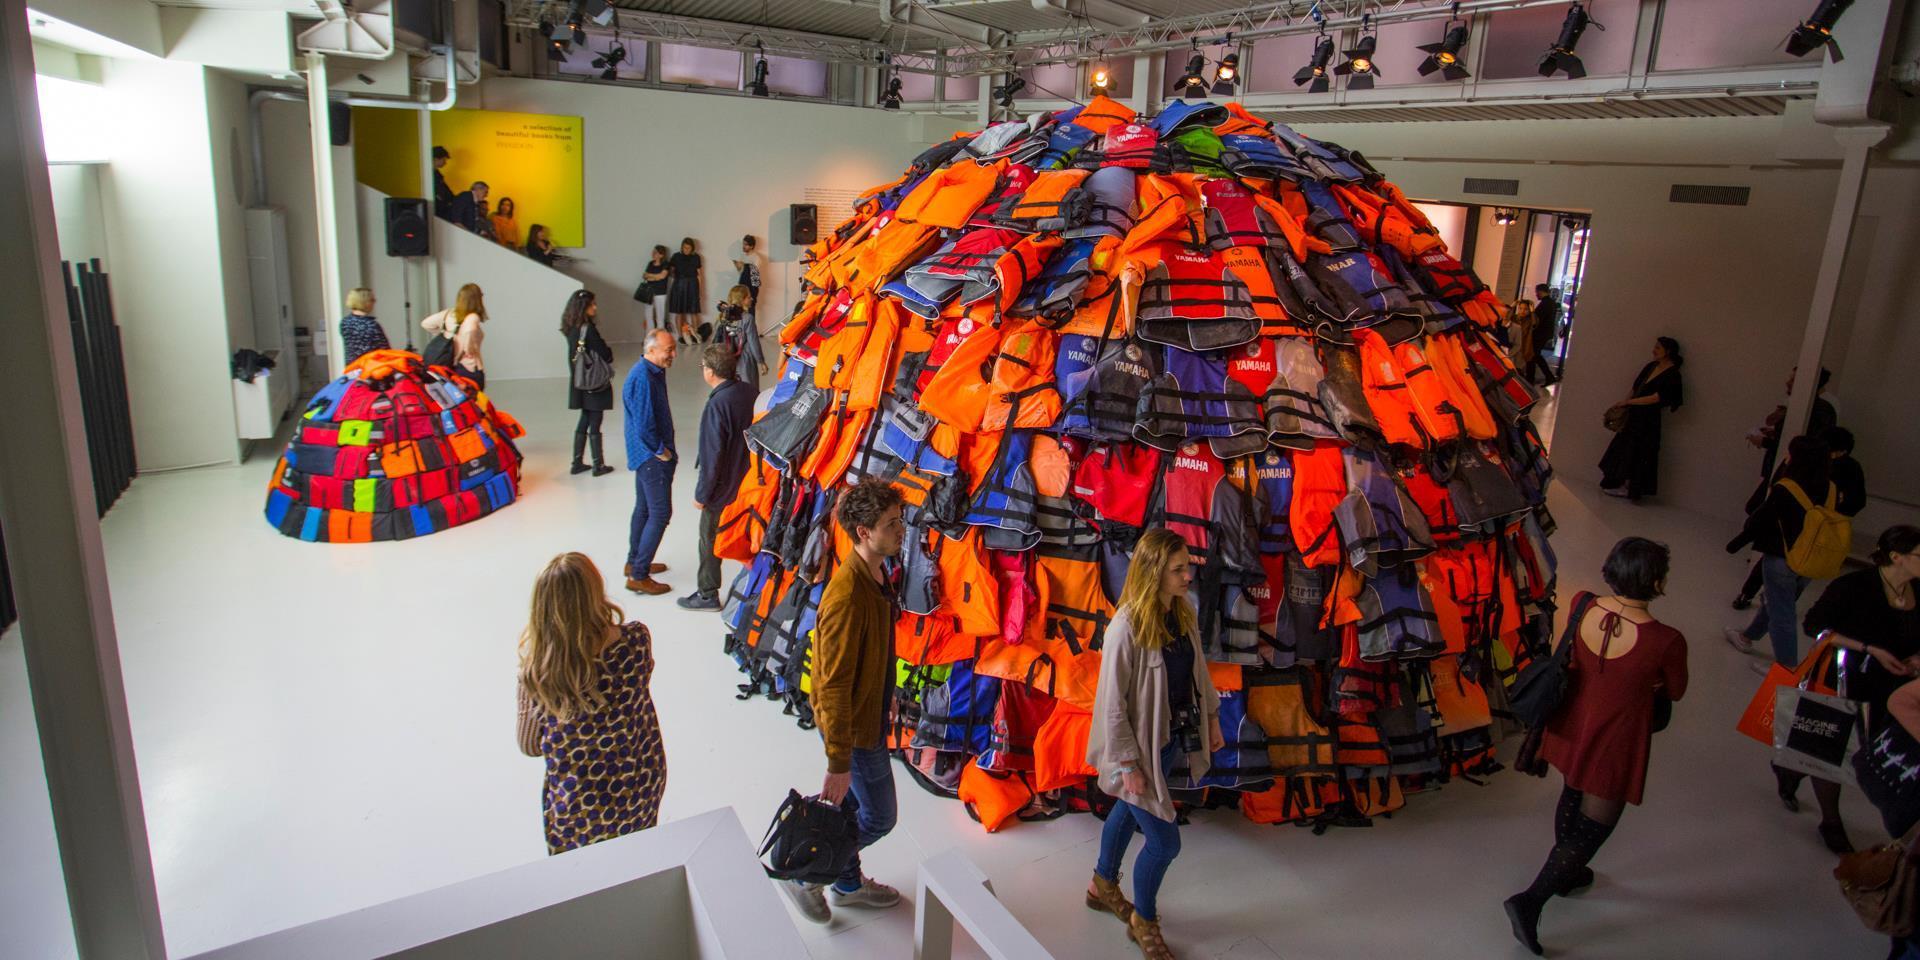 FuoriSalone, un  igloo  fatto di salvagente per ricordare il dramma dell immigrazione